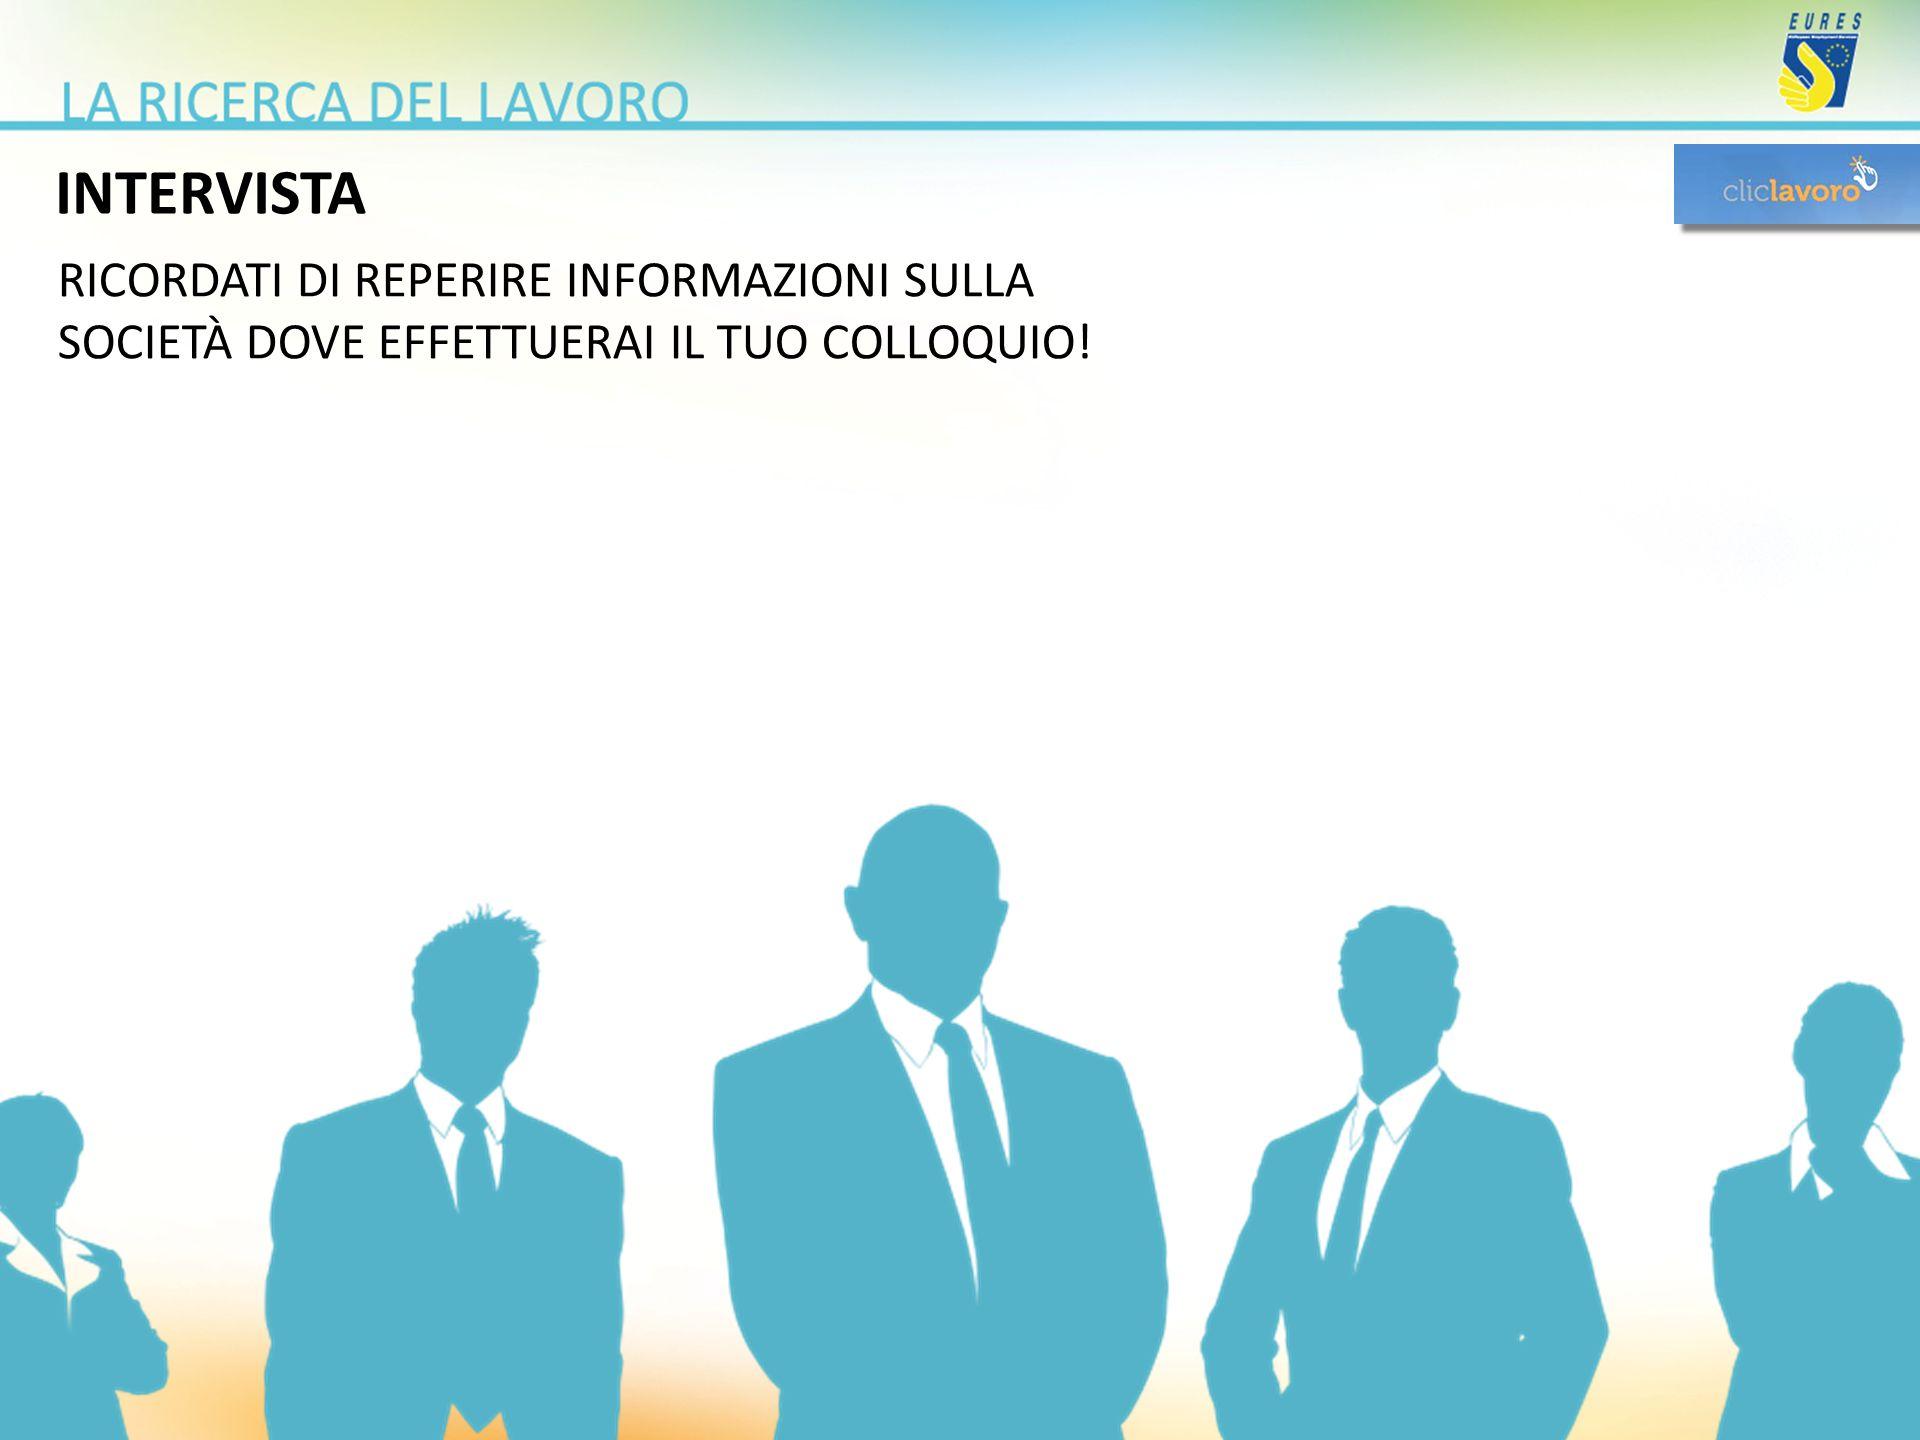 INTERVISTA RICORDATI DI REPERIRE INFORMAZIONI SULLA